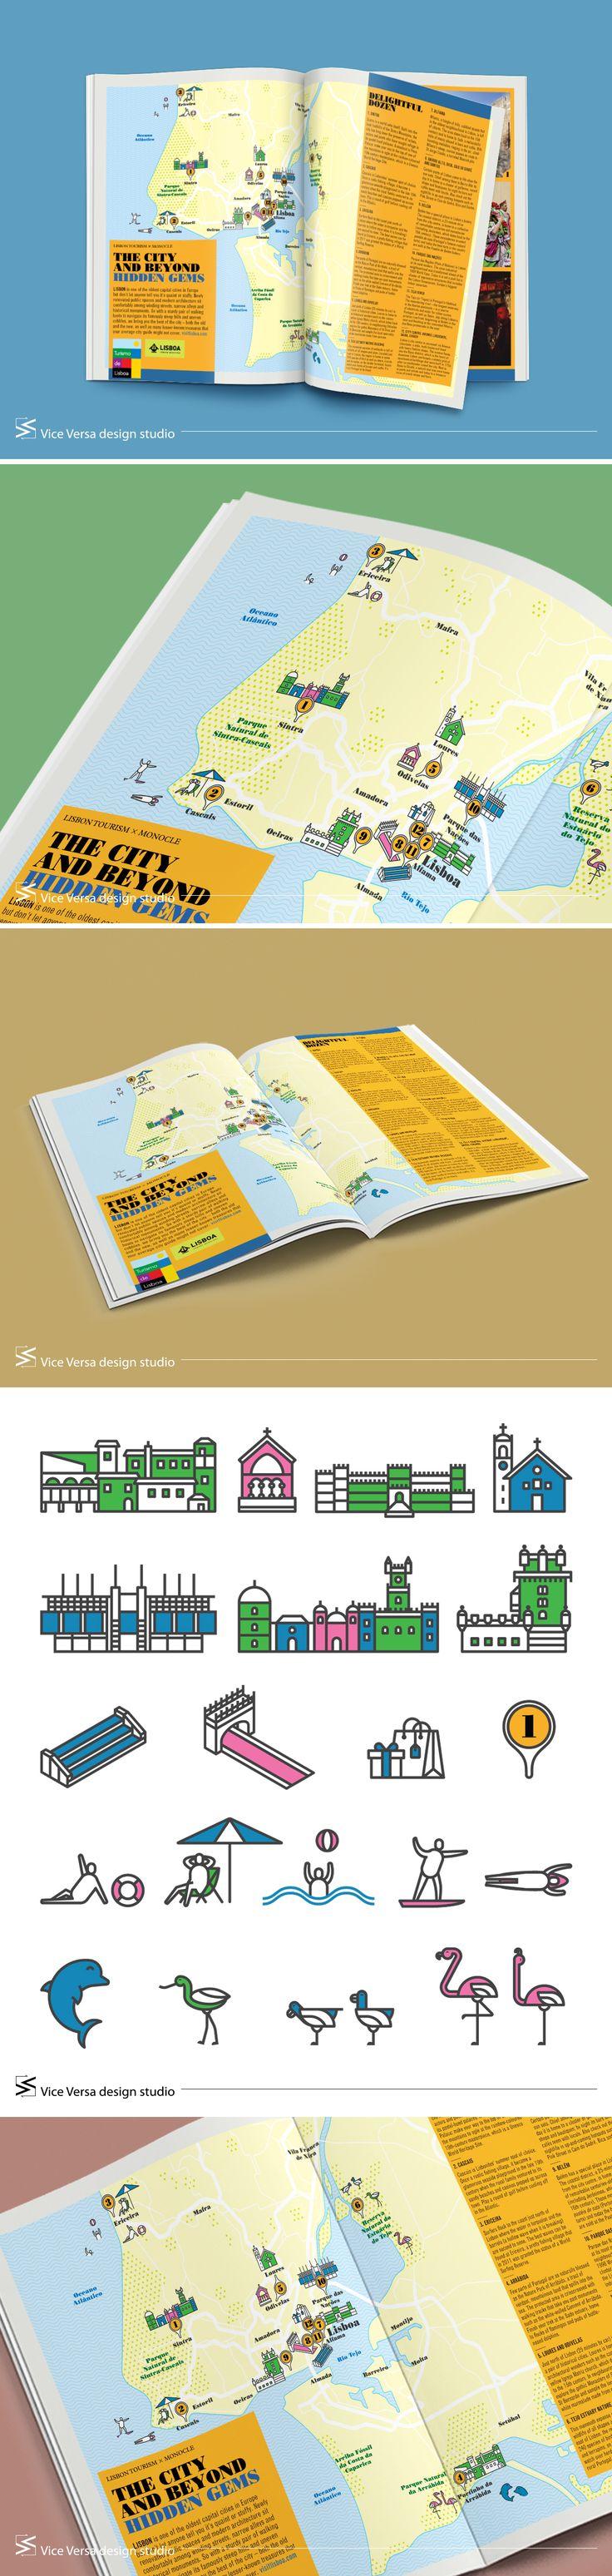 '모노클(MONOCLE)' ISSUE 101 – 'SECRETS OF THE CITY LISBON' 맵 디자인